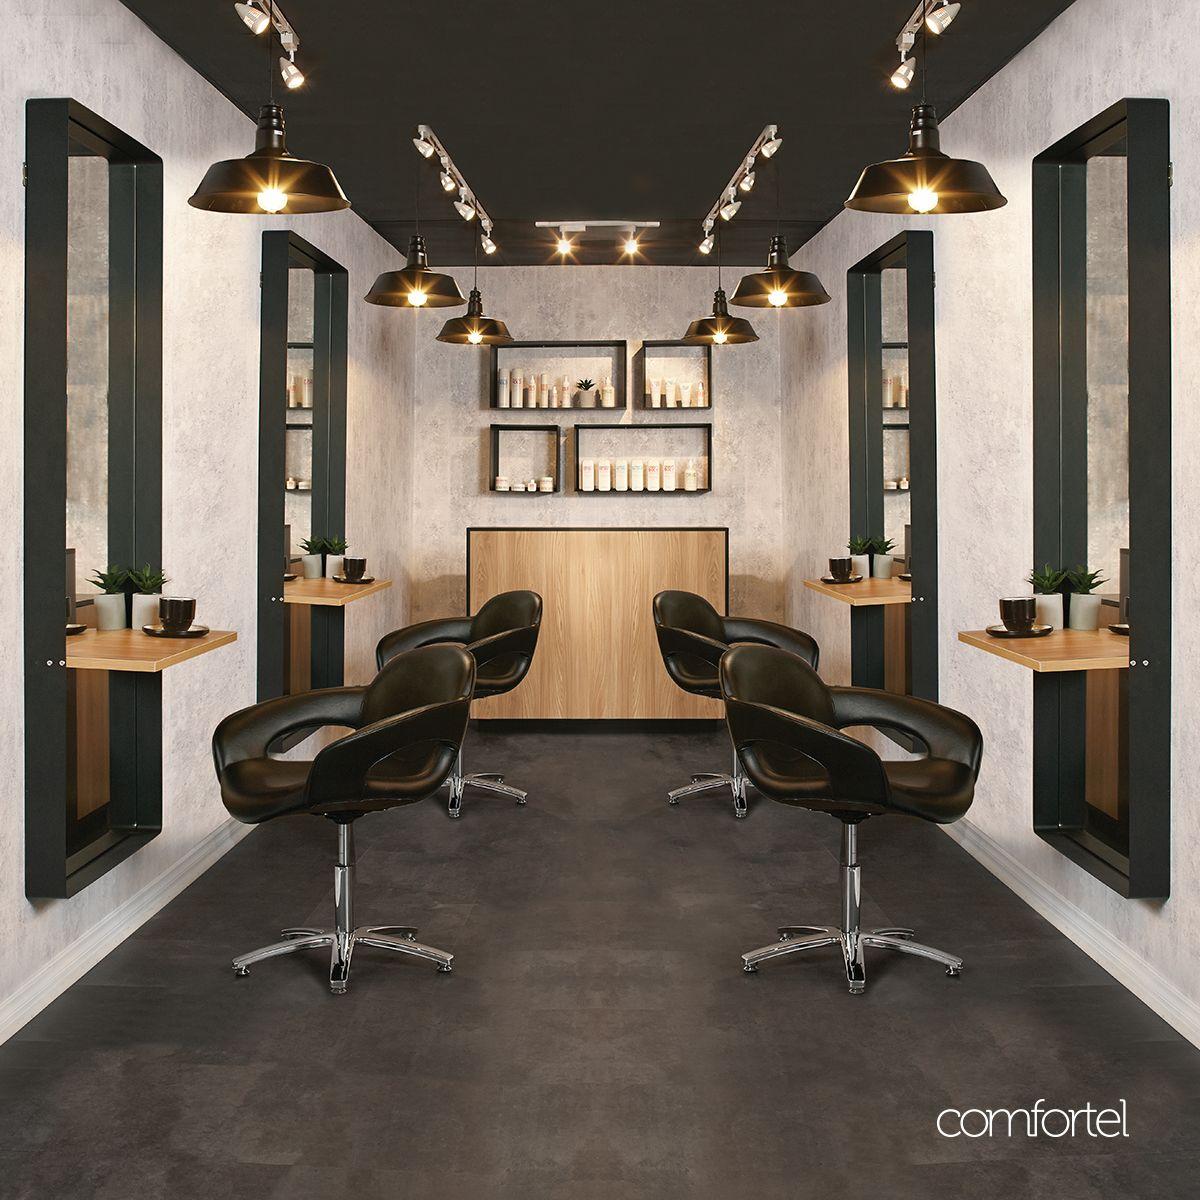 Alister Reception Desk in 2020 Salon interior design